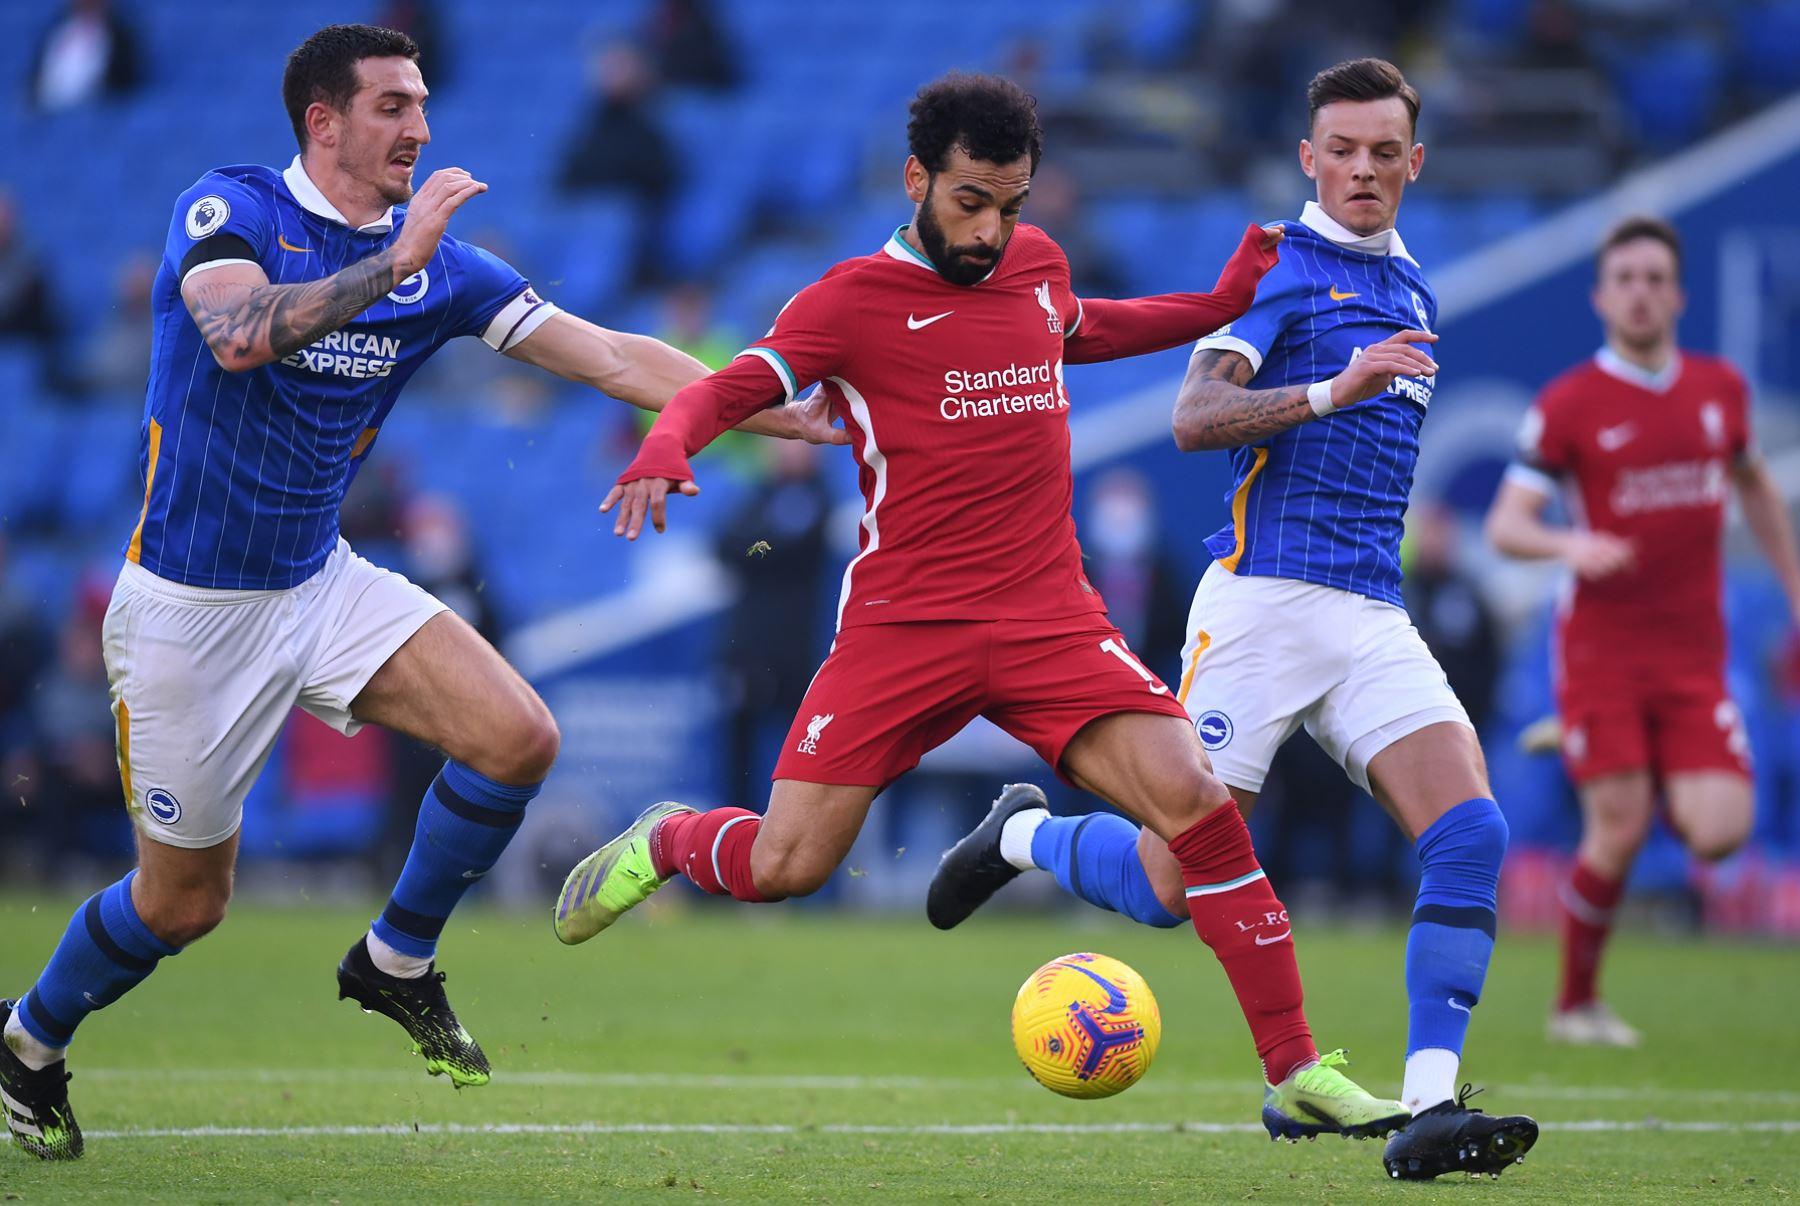 El centrocampista egipcio del Liverpool, Mohamed Salah, intenta disparar al arco ante marca de los rivales de Brighton por la Premier League. Foto: AFP